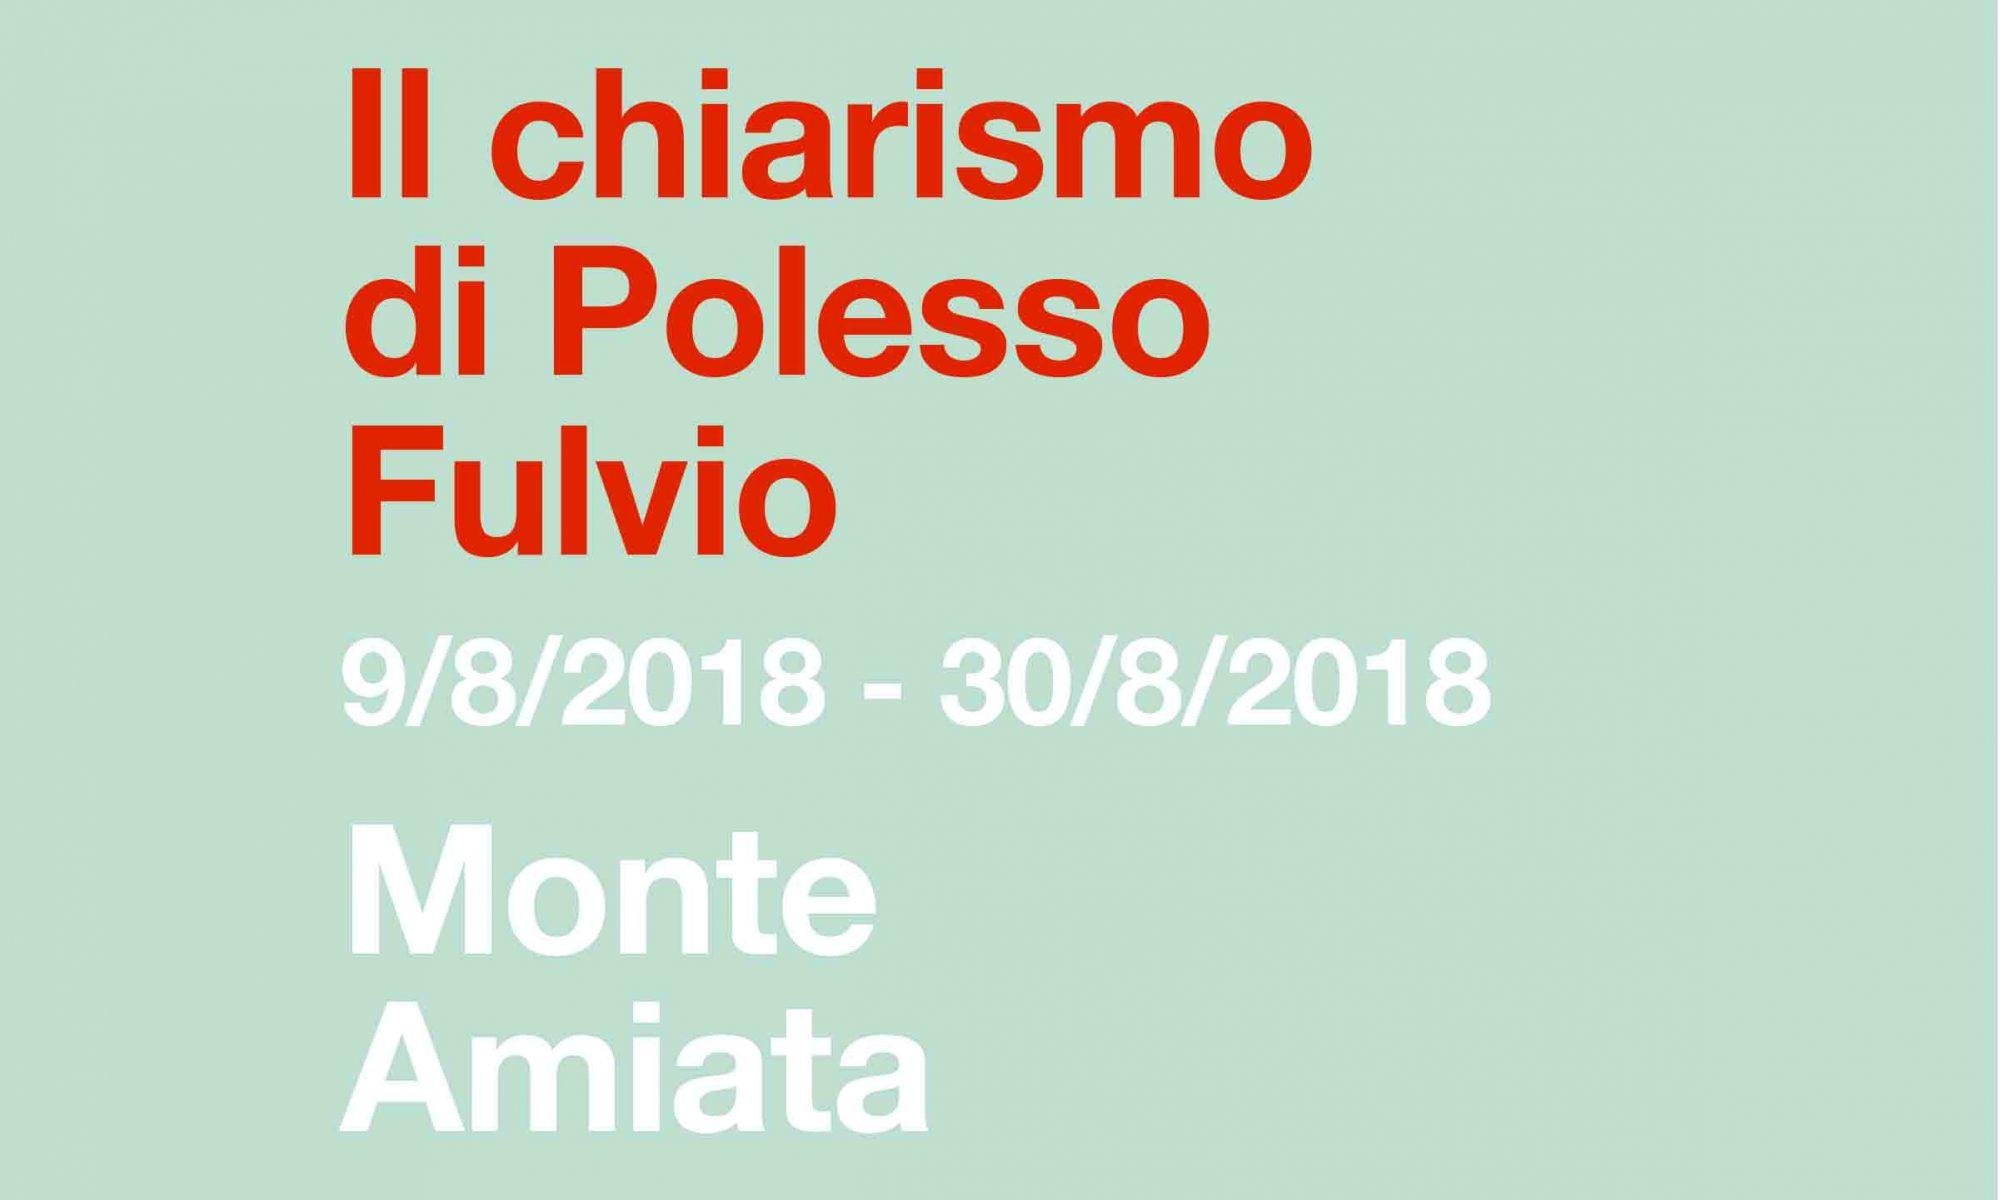 mostra personale fulvio polesso monte amiata milano locandina, agosto 2018